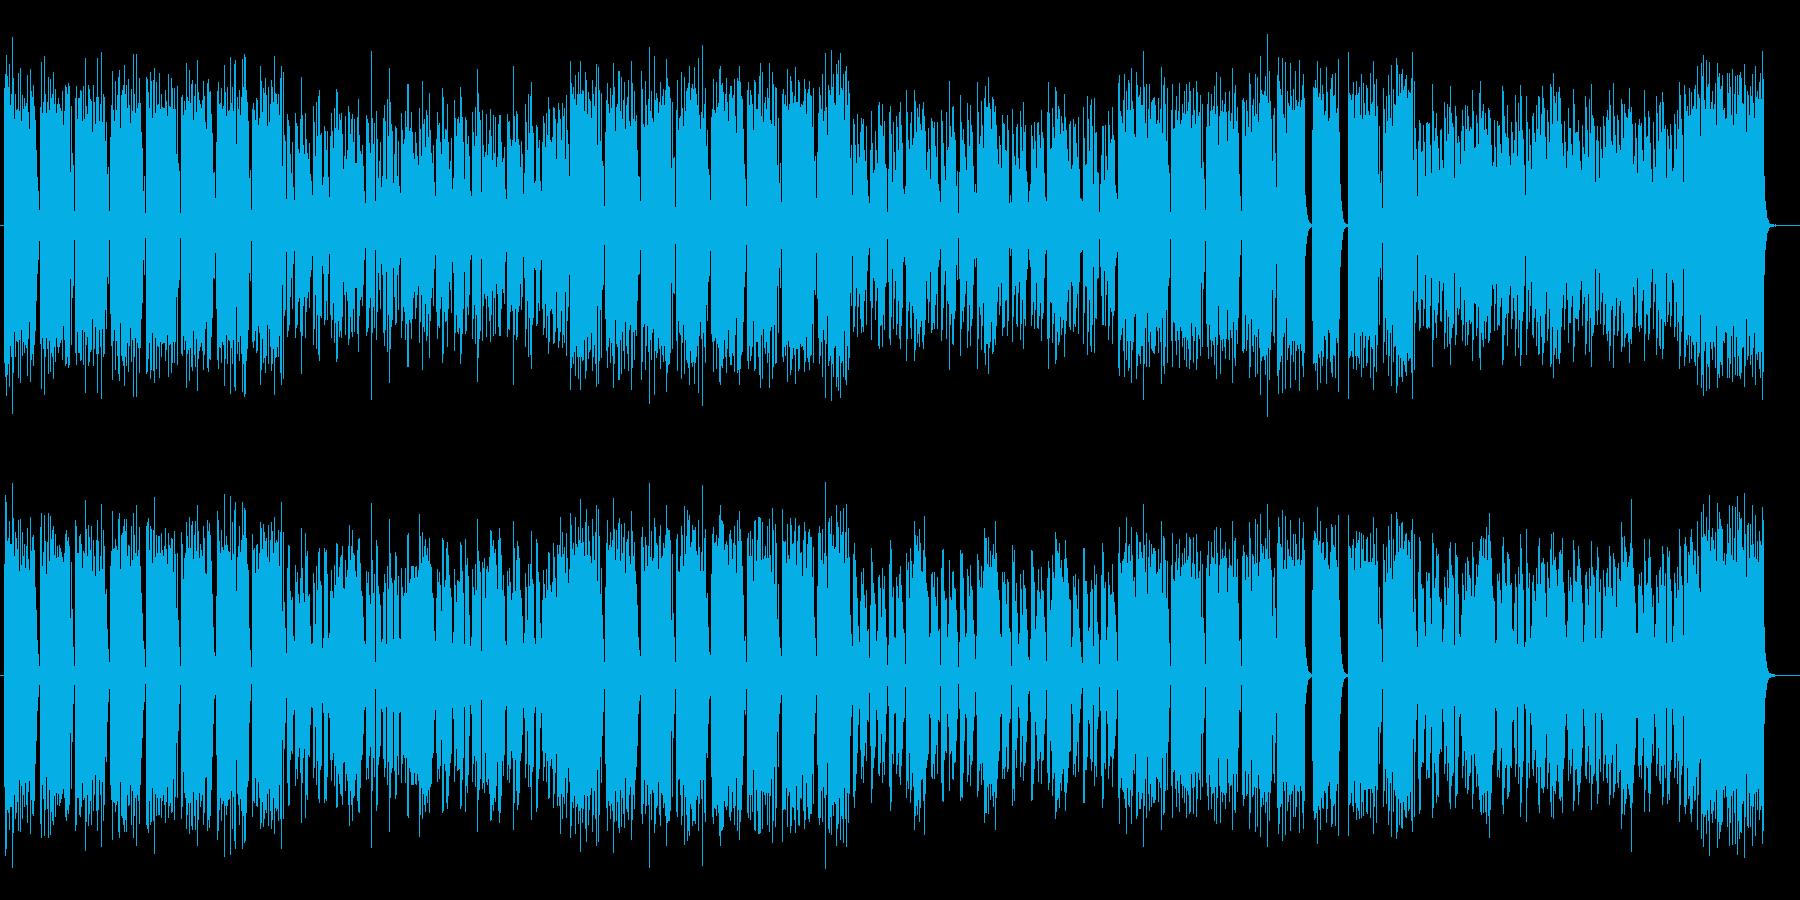 デジタルなビートが力強いロックの再生済みの波形